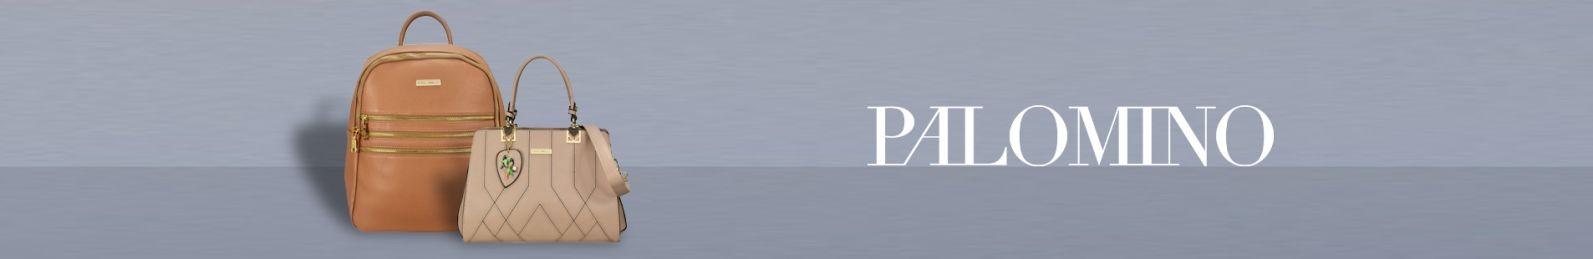 Palomino Bag Official